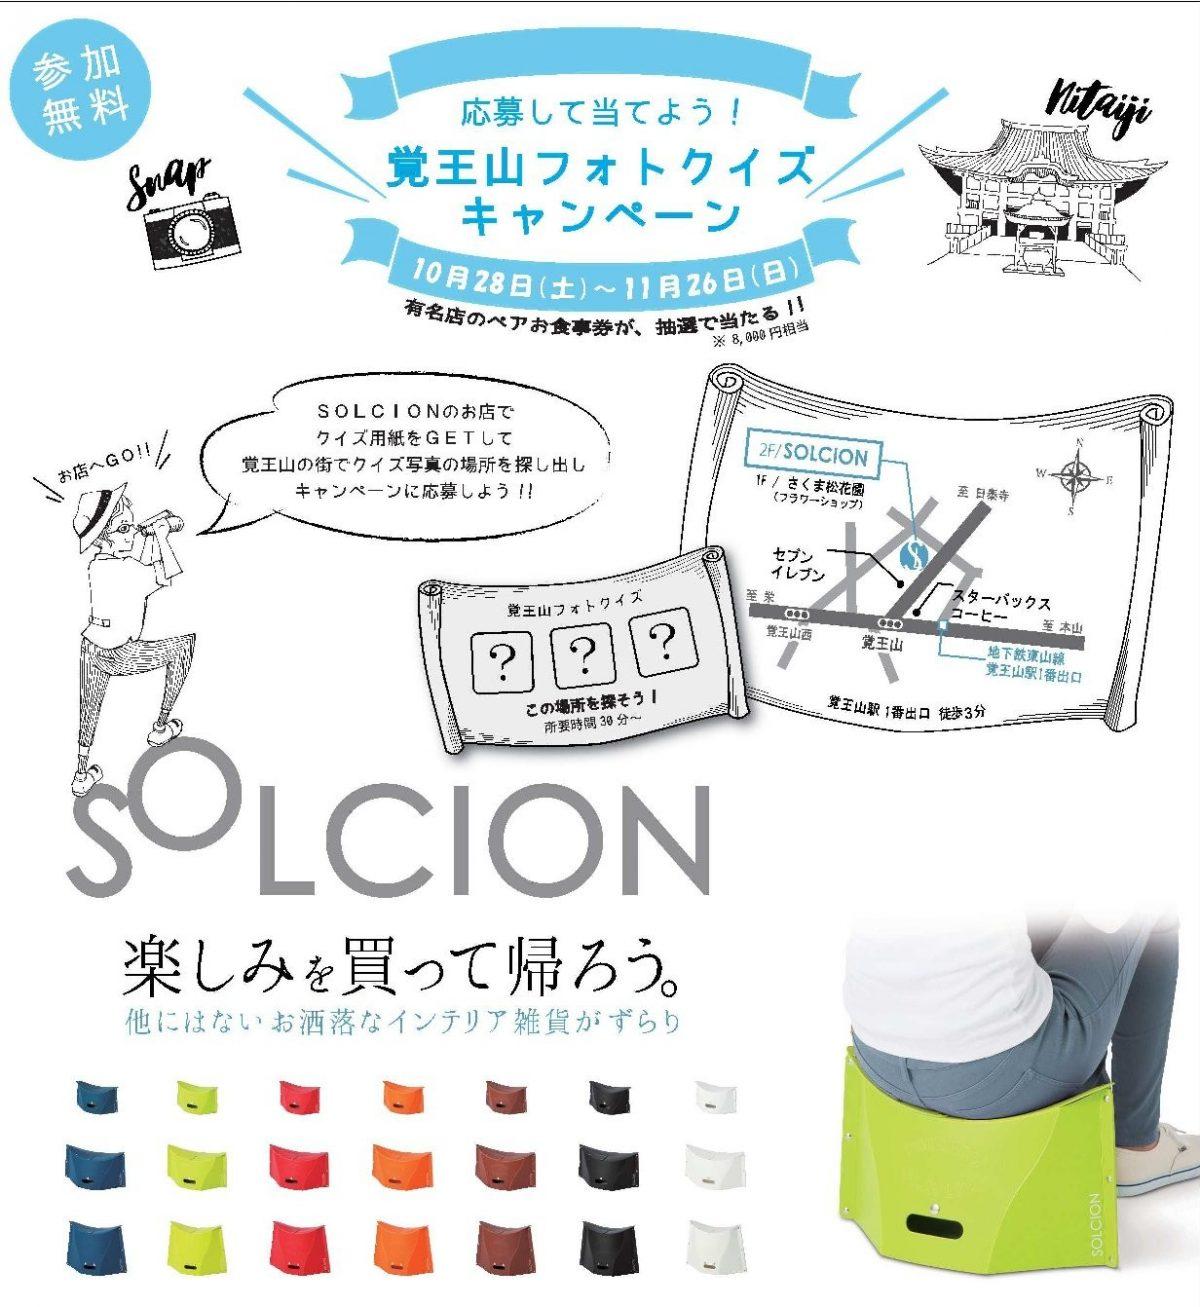 Rikuyo Photo Quiz Campaign